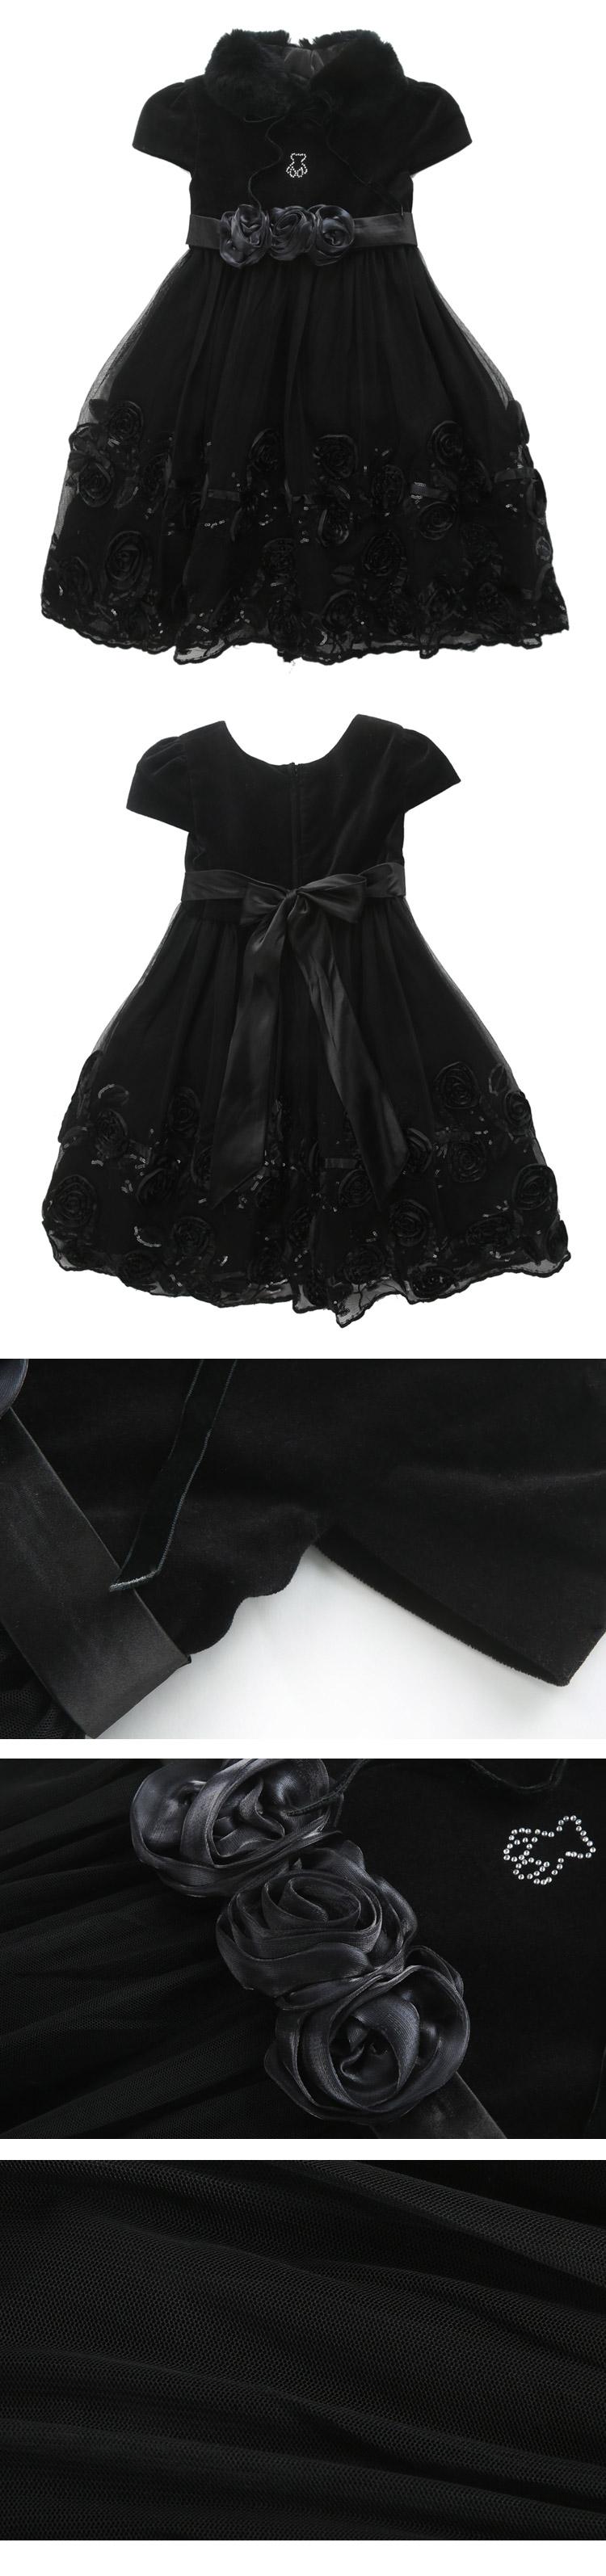 礼服款式图正背面手绘